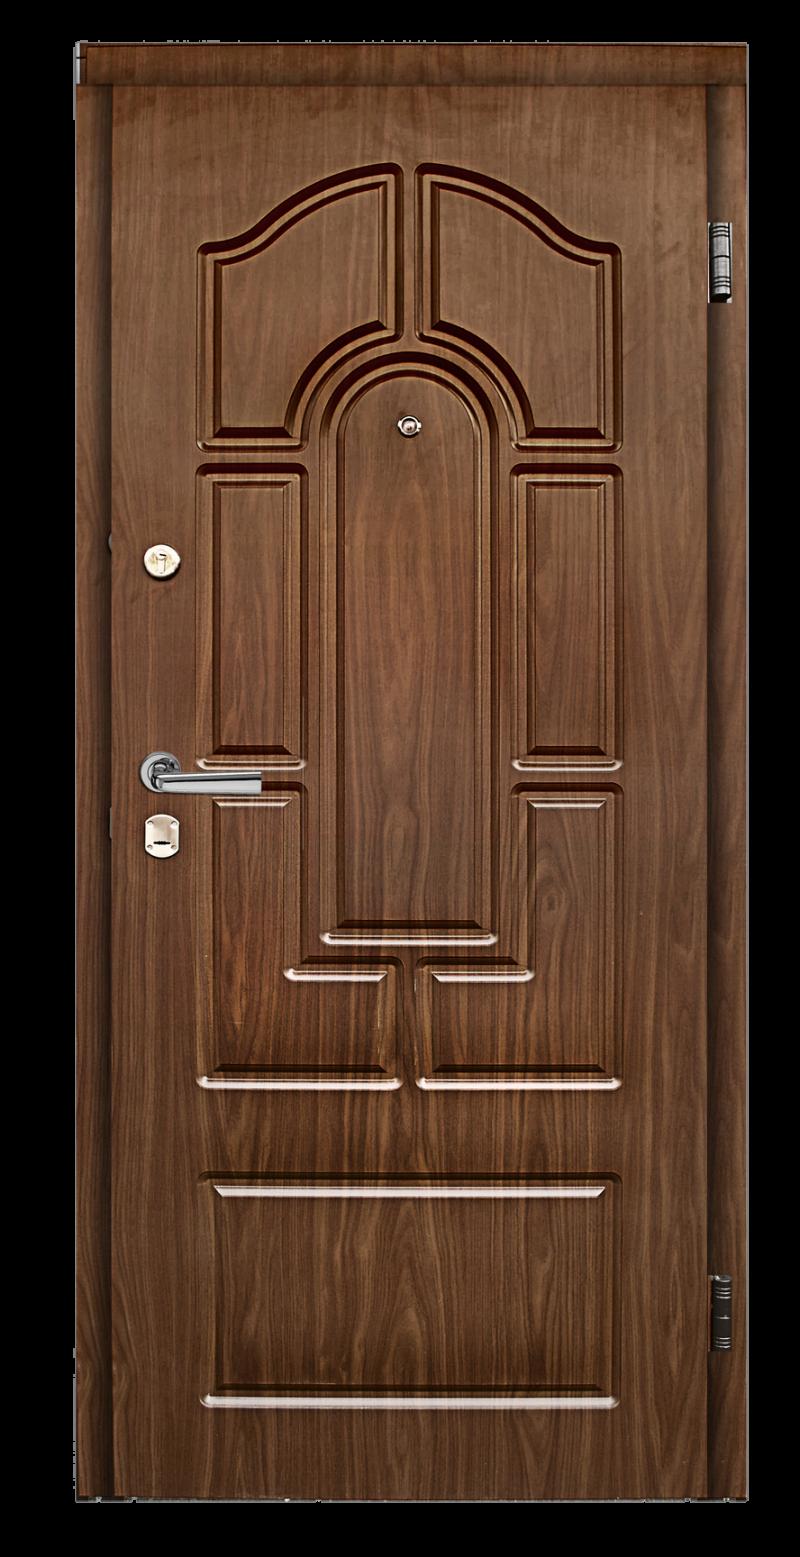 Door Png Image Purepng Free Transparent Cc0 Png Image Library Front Door Design Wood Single Door Design Door Design Interior